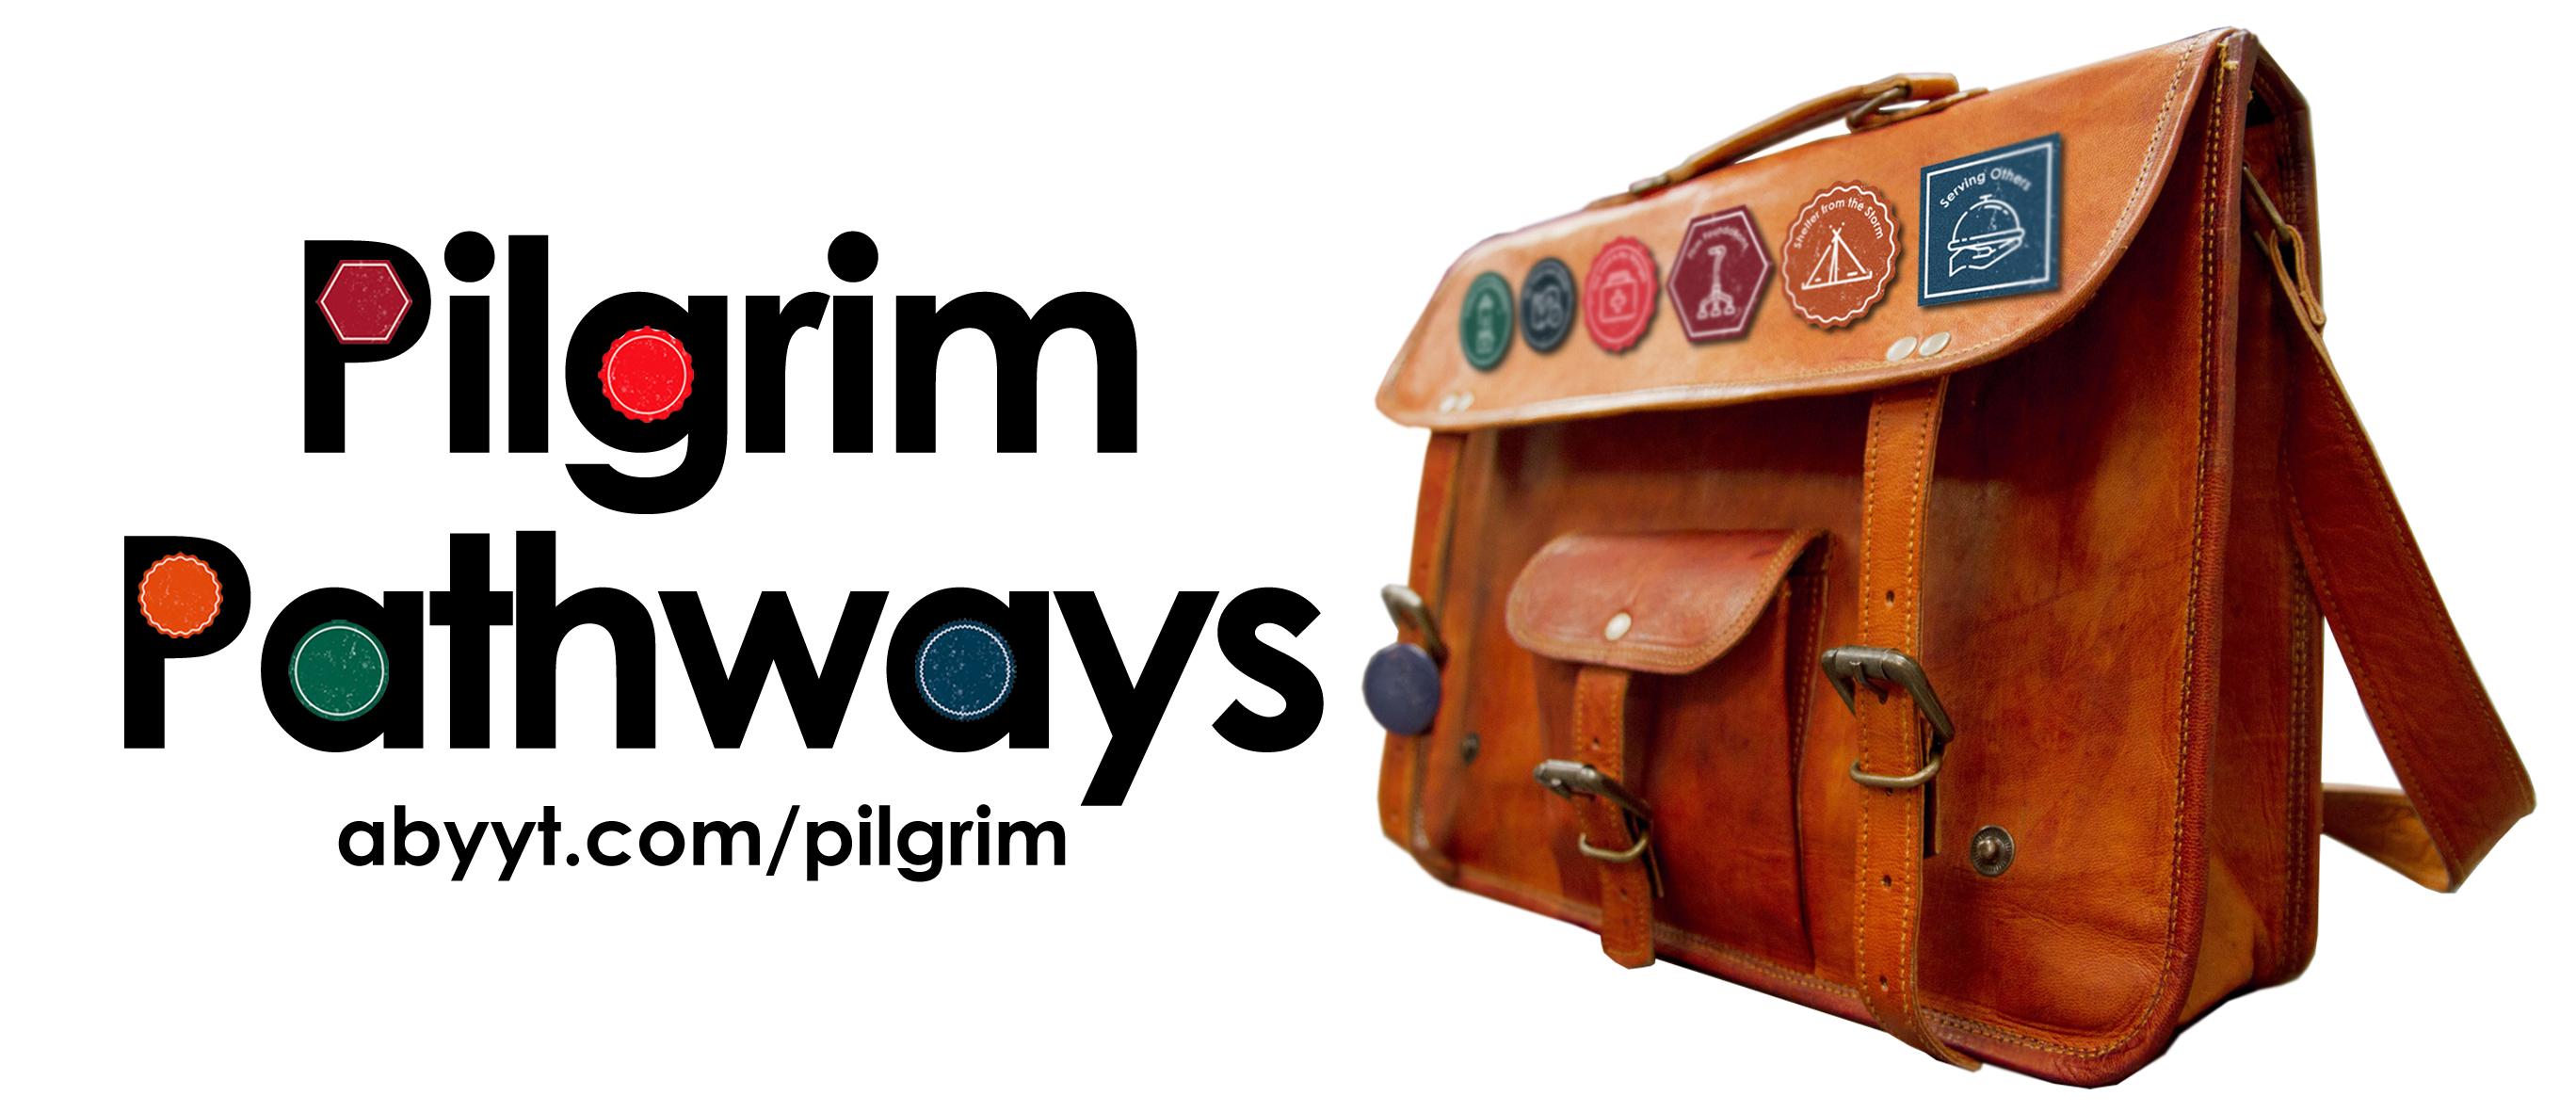 Pilgrim Pathways